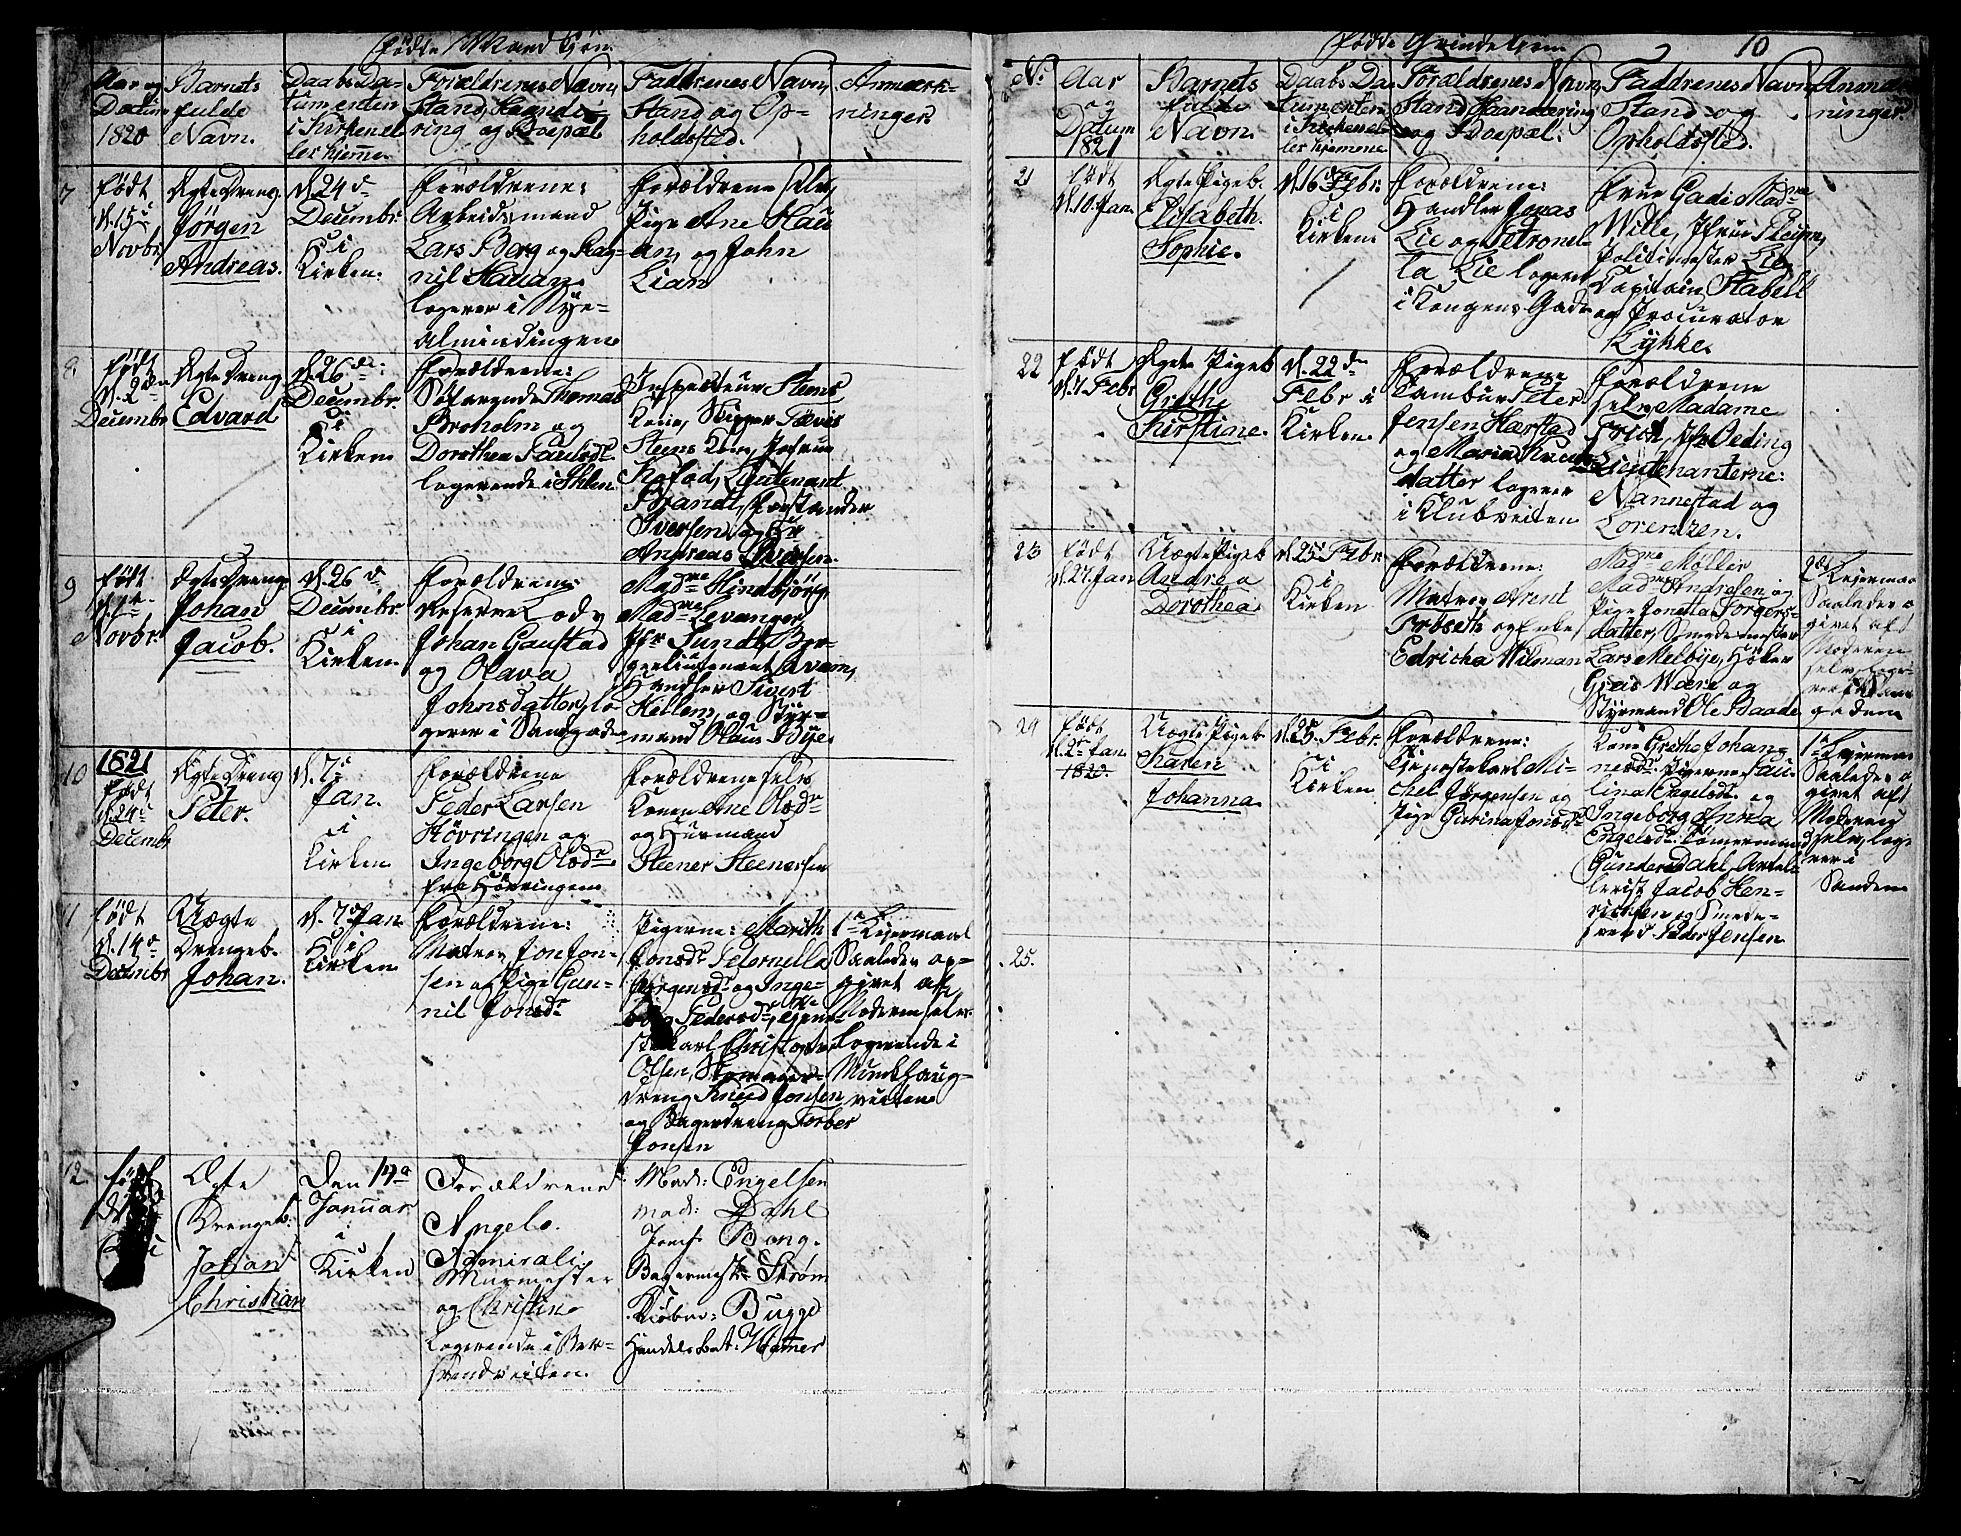 SAT, Ministerialprotokoller, klokkerbøker og fødselsregistre - Sør-Trøndelag, 601/L0044: Ministerialbok nr. 601A12, 1820-1821, s. 10